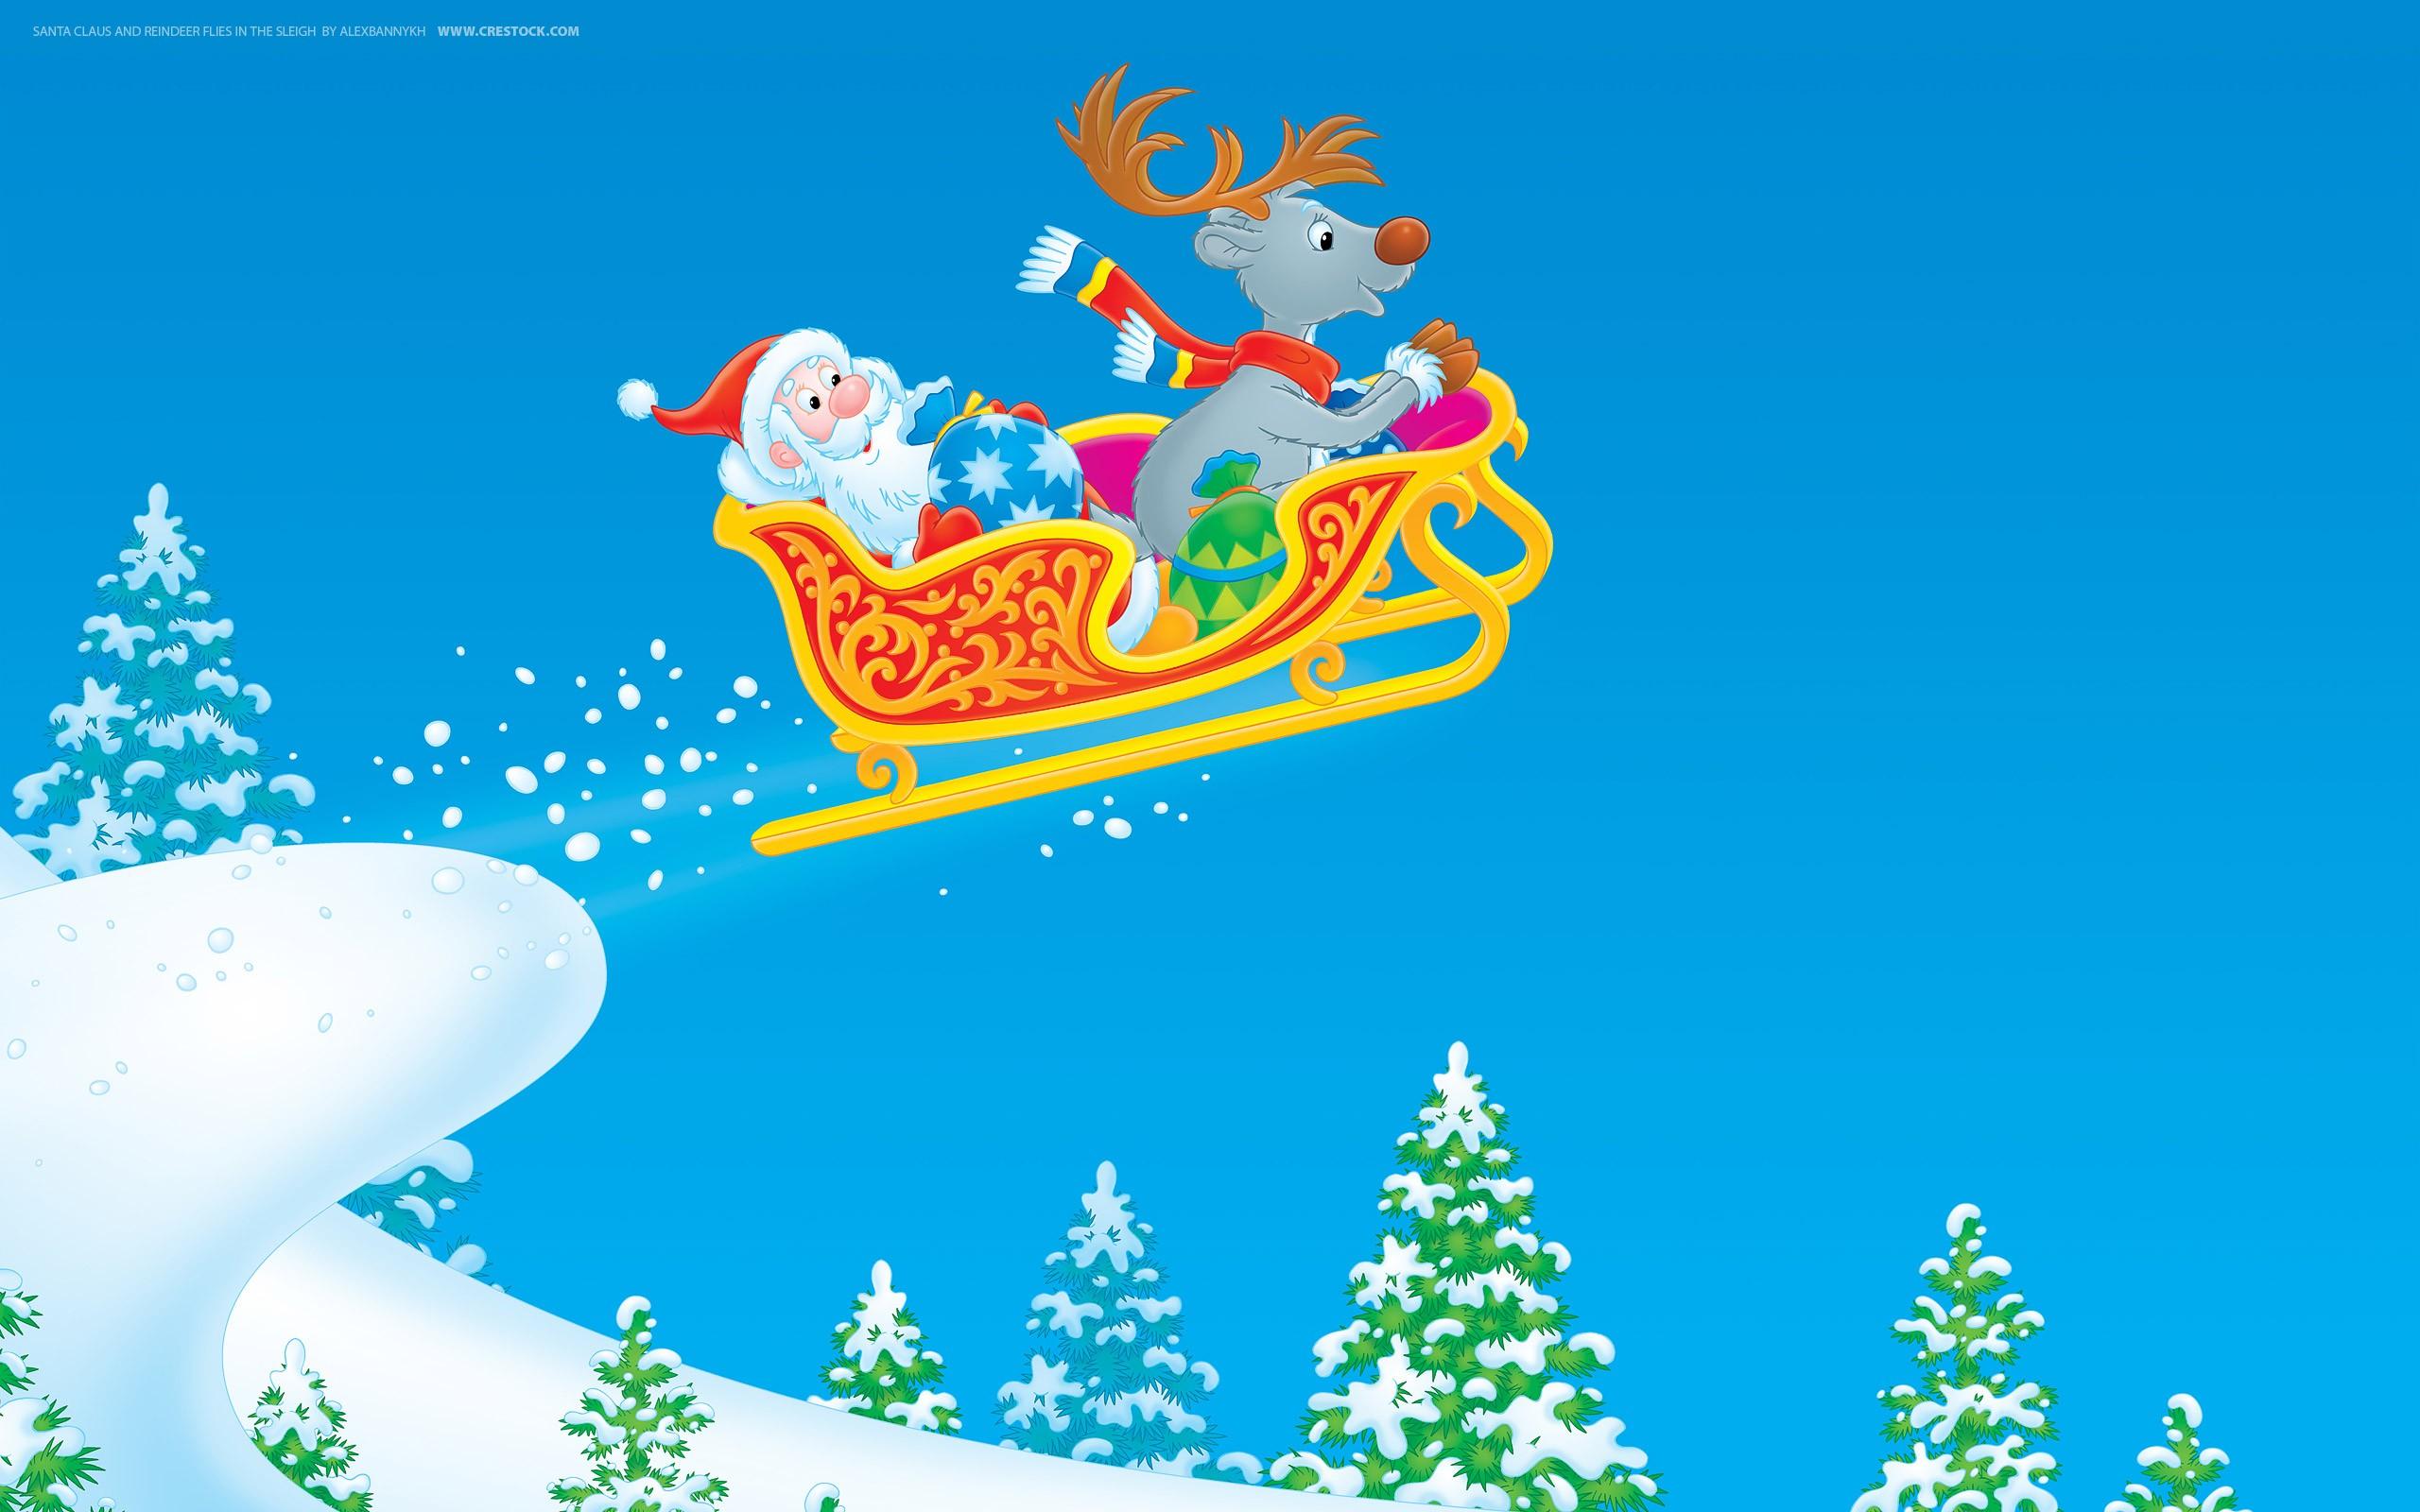 Sfondi Natalizi Renne.Sfondi Illustrazione La Neve Cartone Animato Albero Di Natale